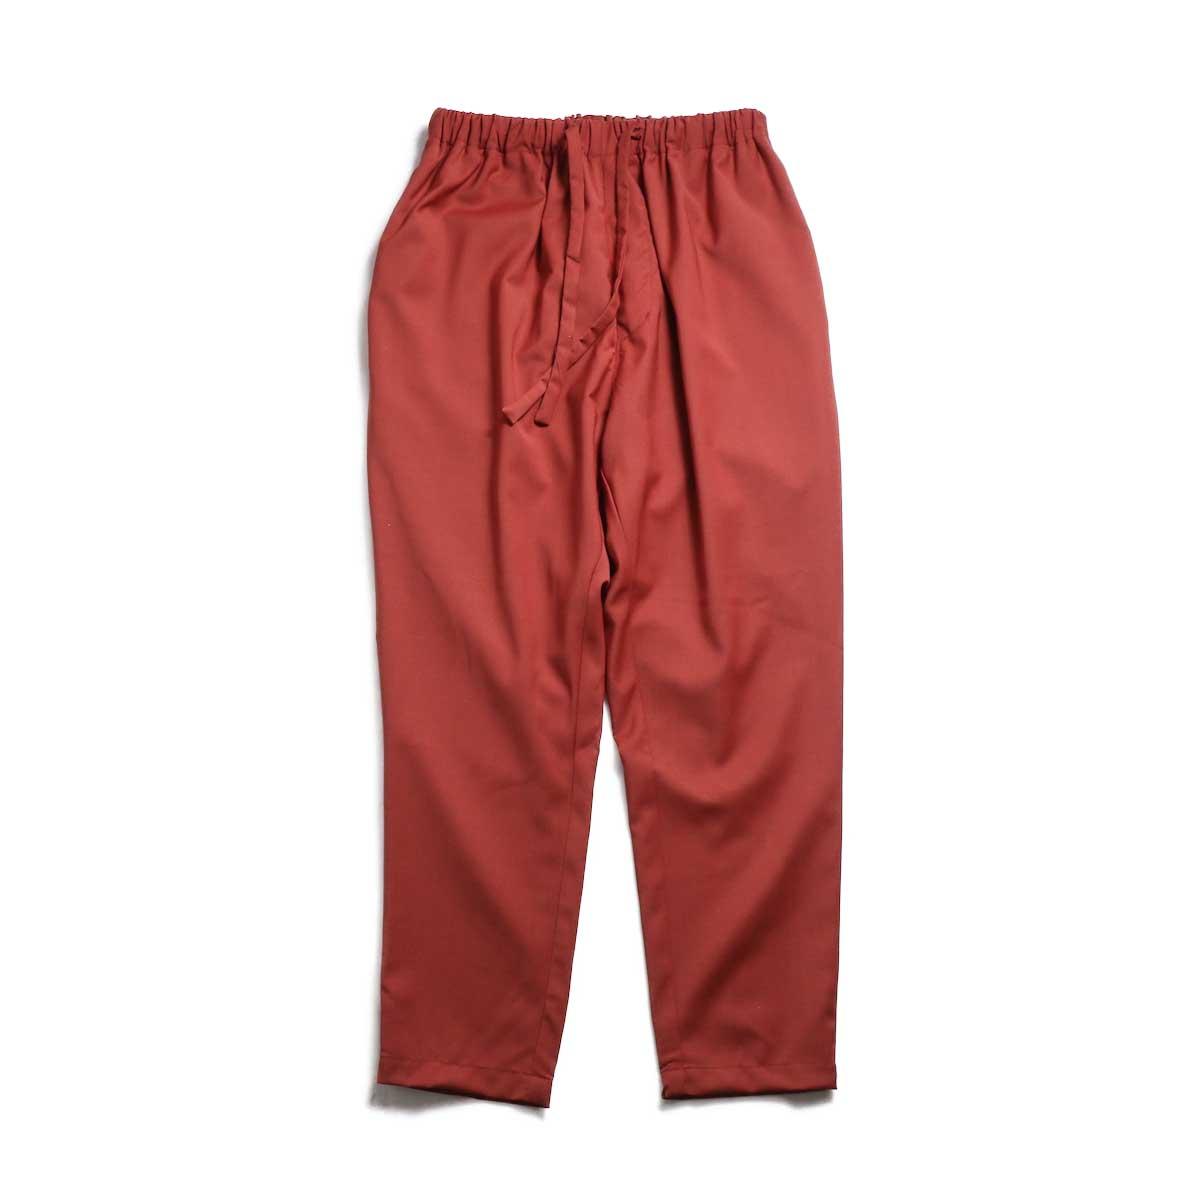 BASISBROEK / BRAVO Cropped Easy Pants (Sienna)